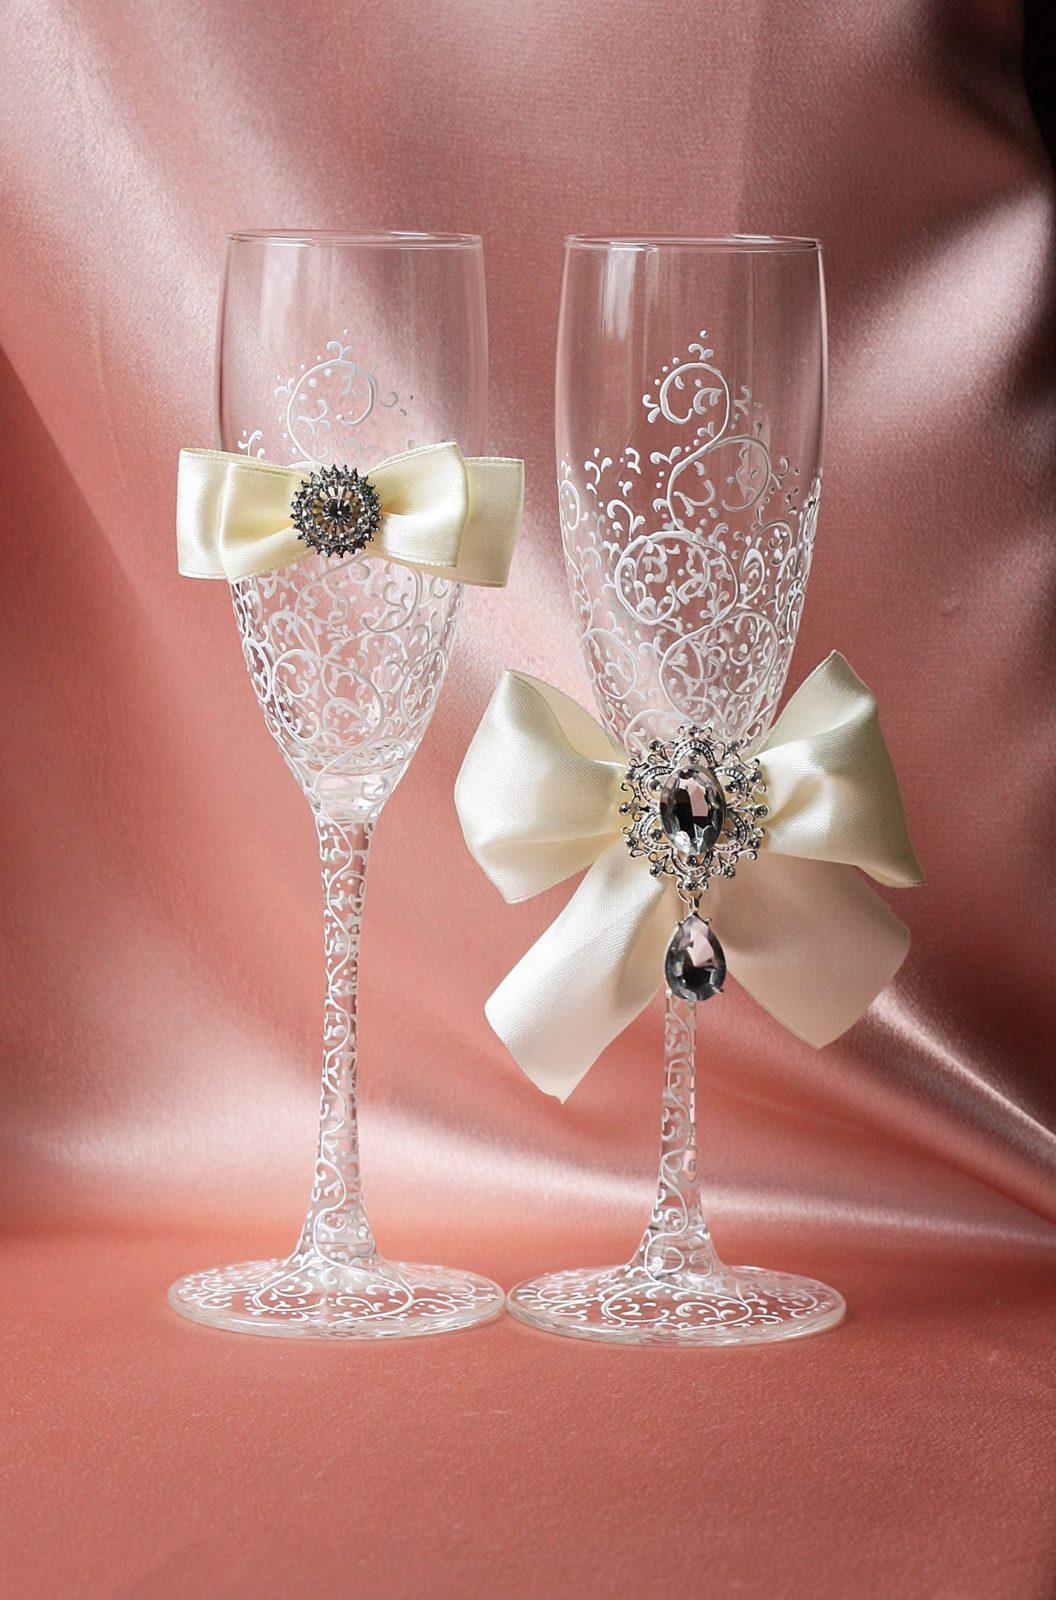 вышел отставку, фото бокалов на свадьбу ручной работы слегка серый слой